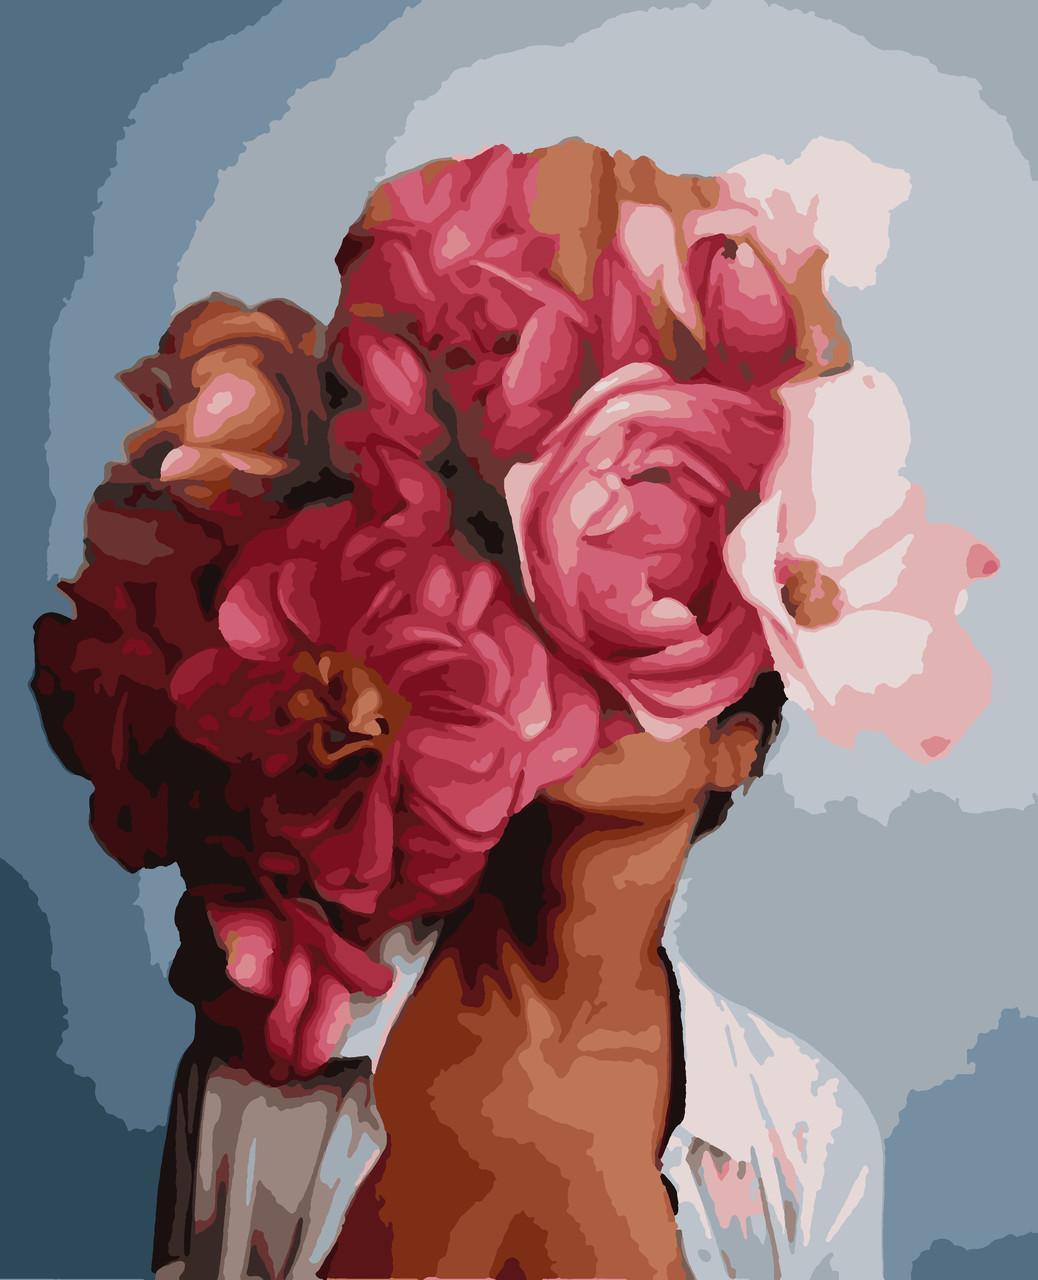 Картина рисование по номерам Жіноча фантазія PNX7604 Artissimo 50х60см розпис за номерами набір, фарби,